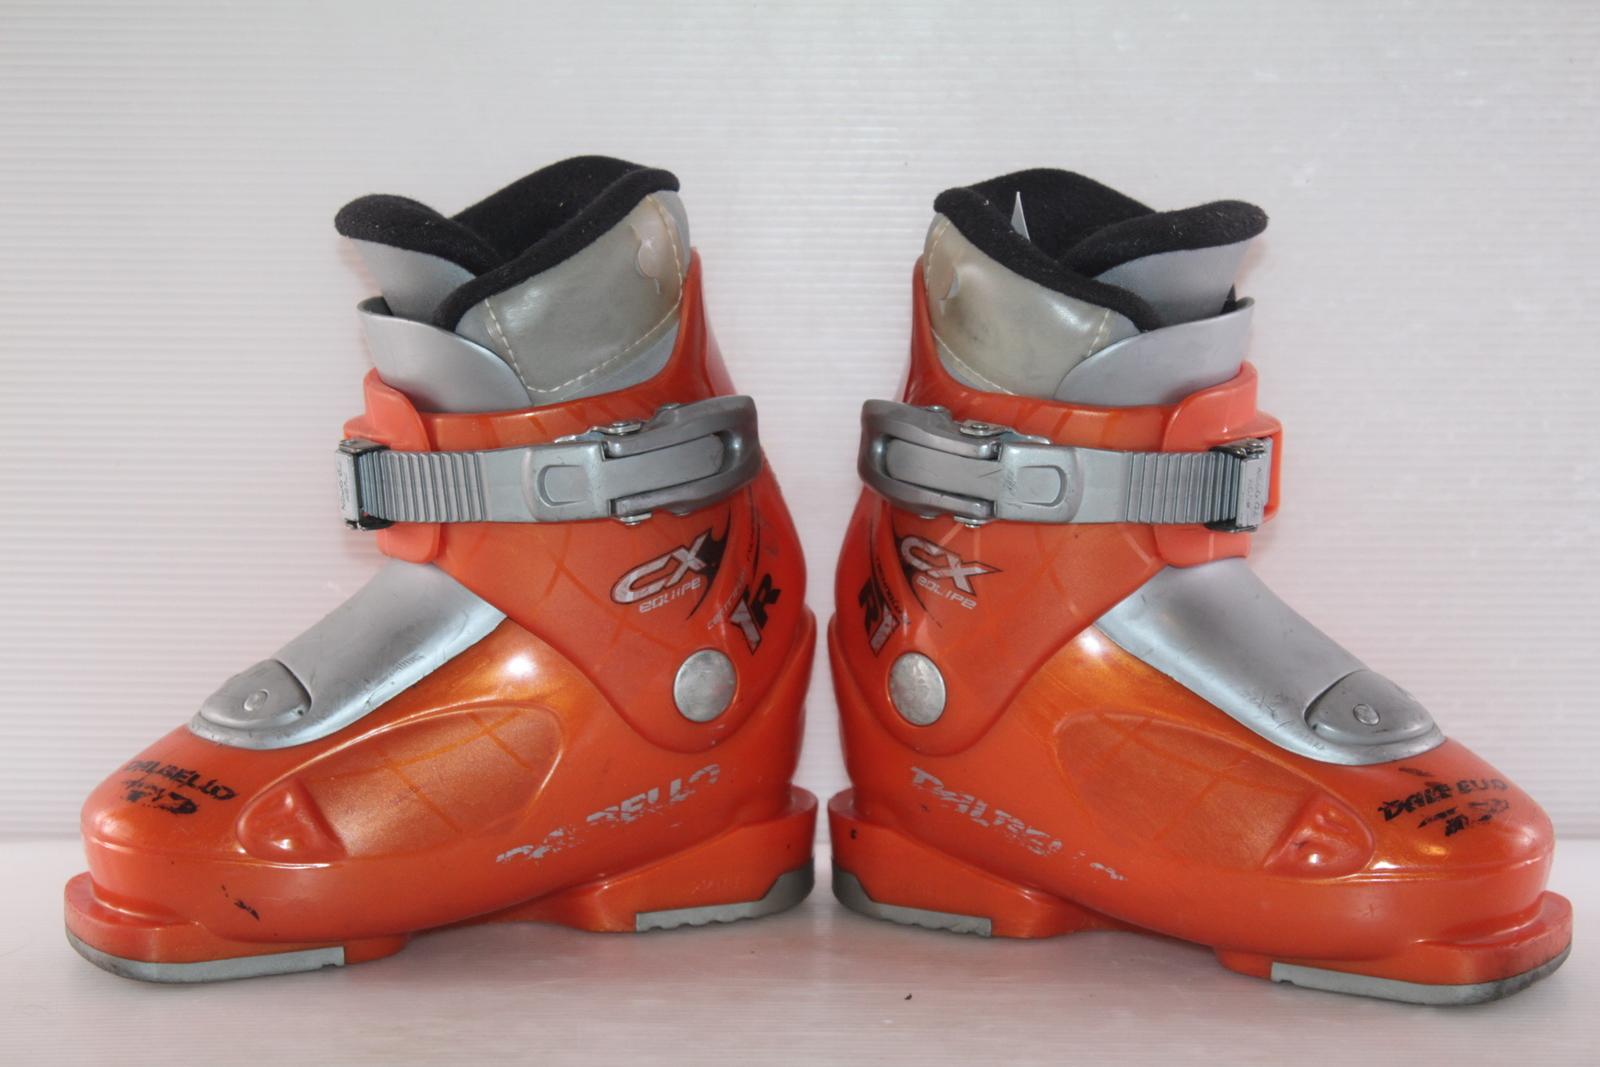 Dětské lyžáky Dalbello CX Equipe R1 vel. EU27